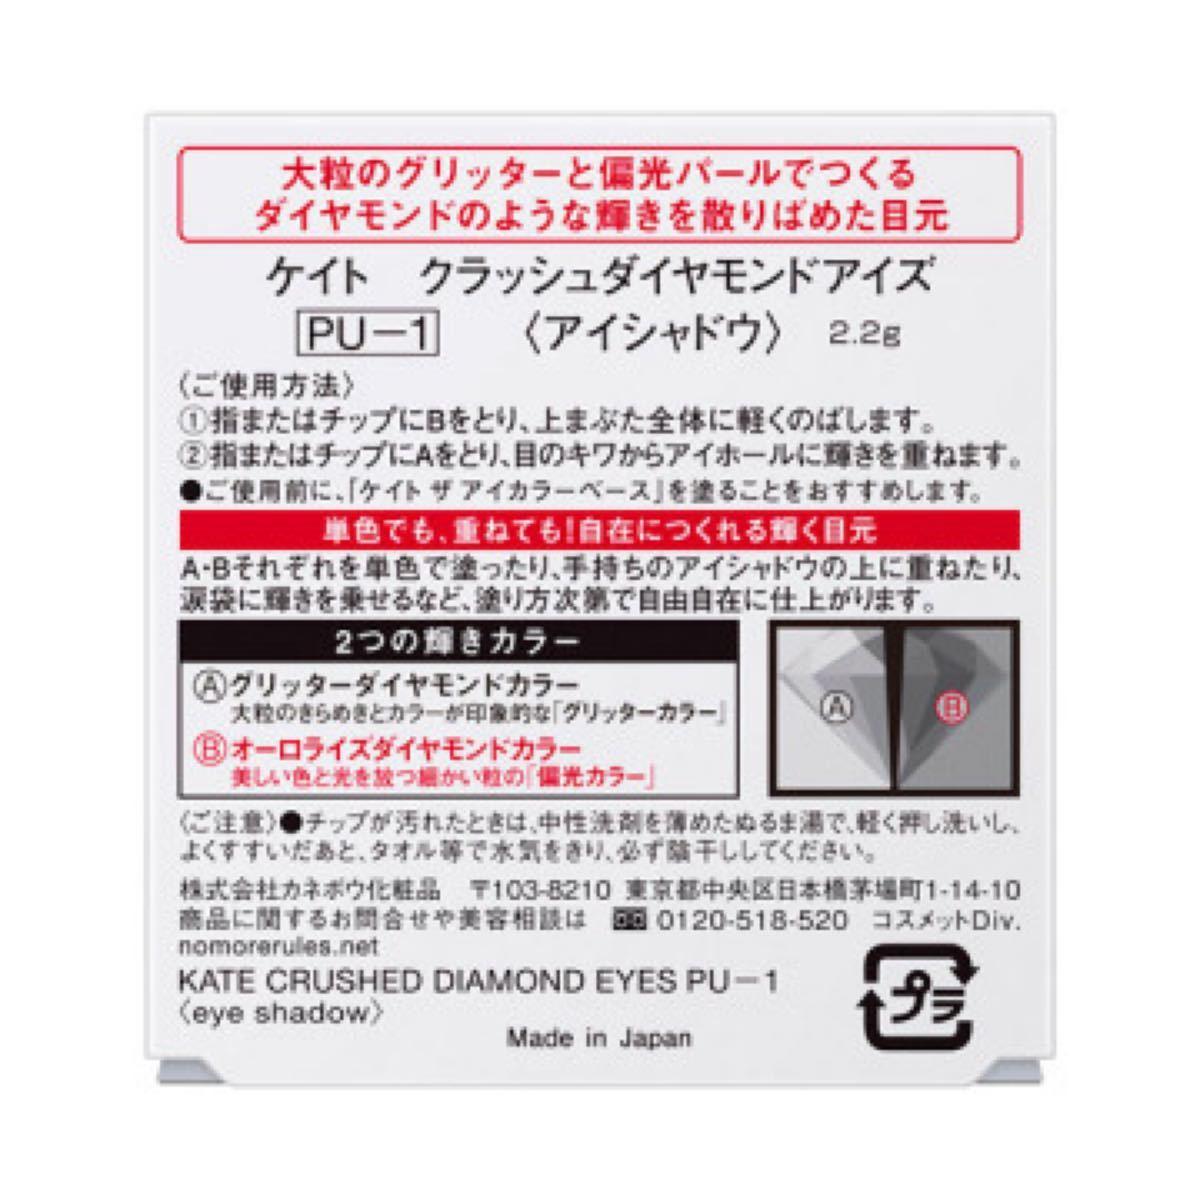 KATE ケイト クラッシュダイヤモンドアイズ PU-1<アイシャドウ>